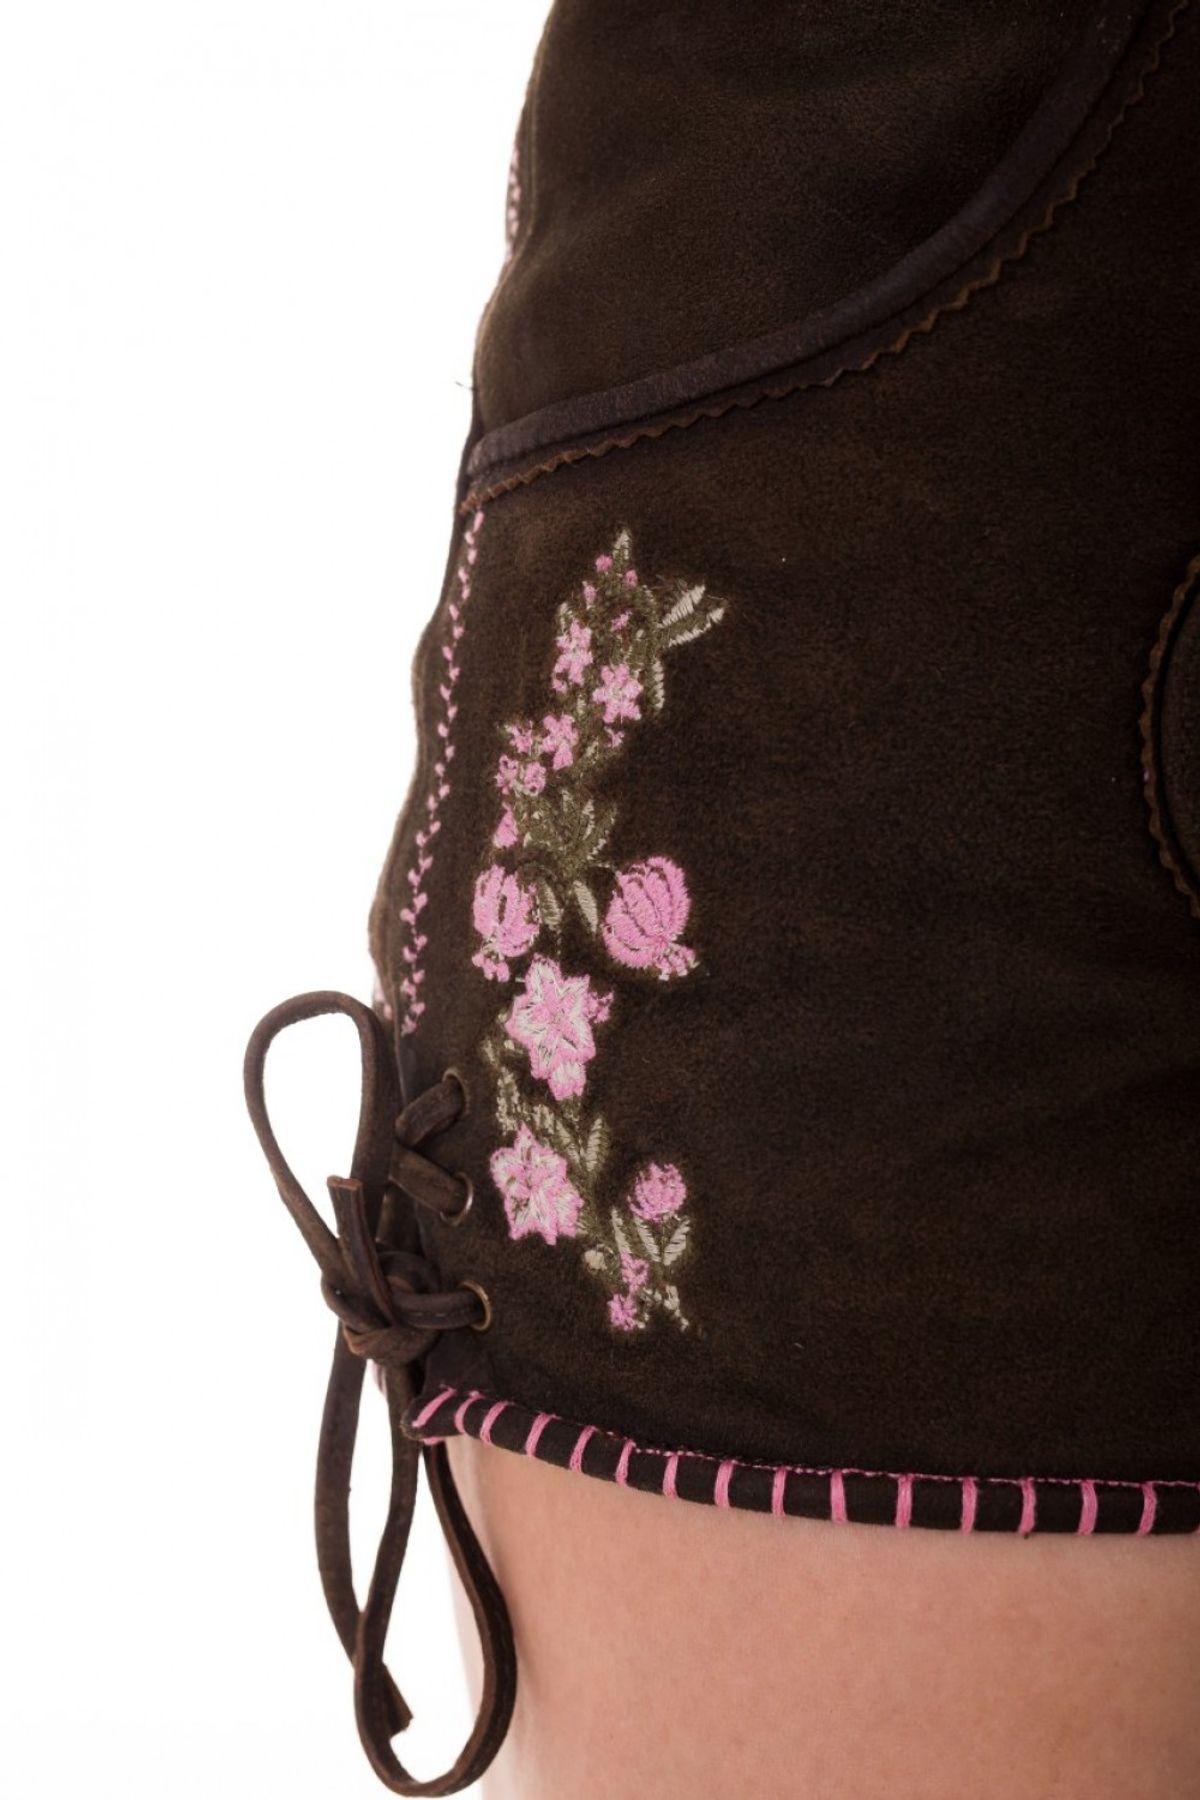 Krüger - Damen Lederhose in der Farbe Braun, Pink Bloom  (Artikelnummer: 32362-733) – Bild 2